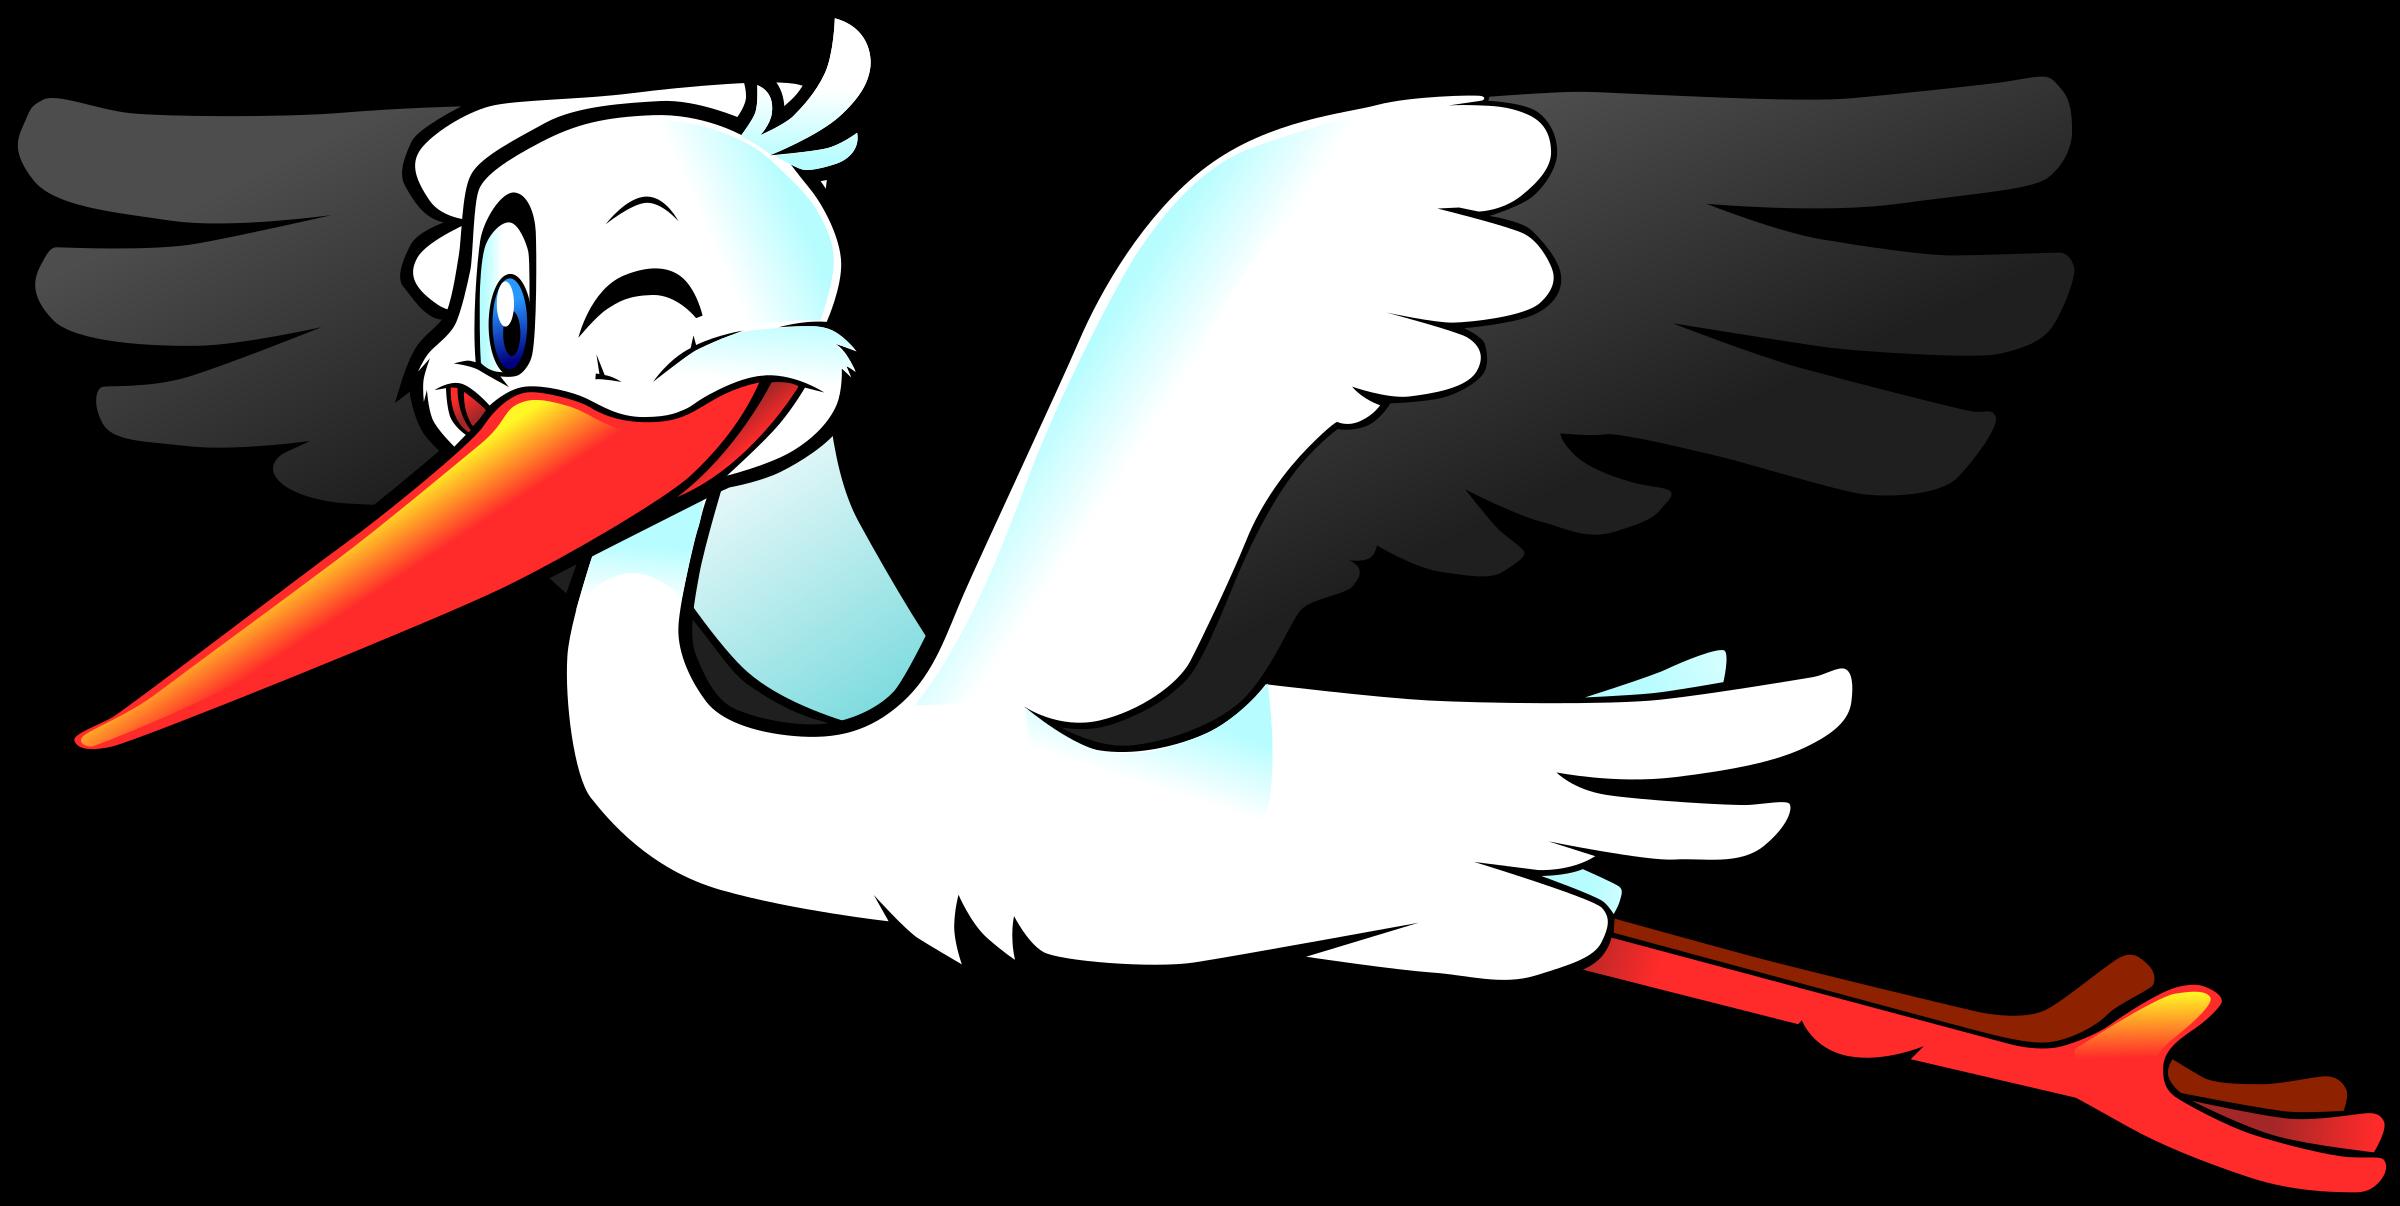 Clipart Stork